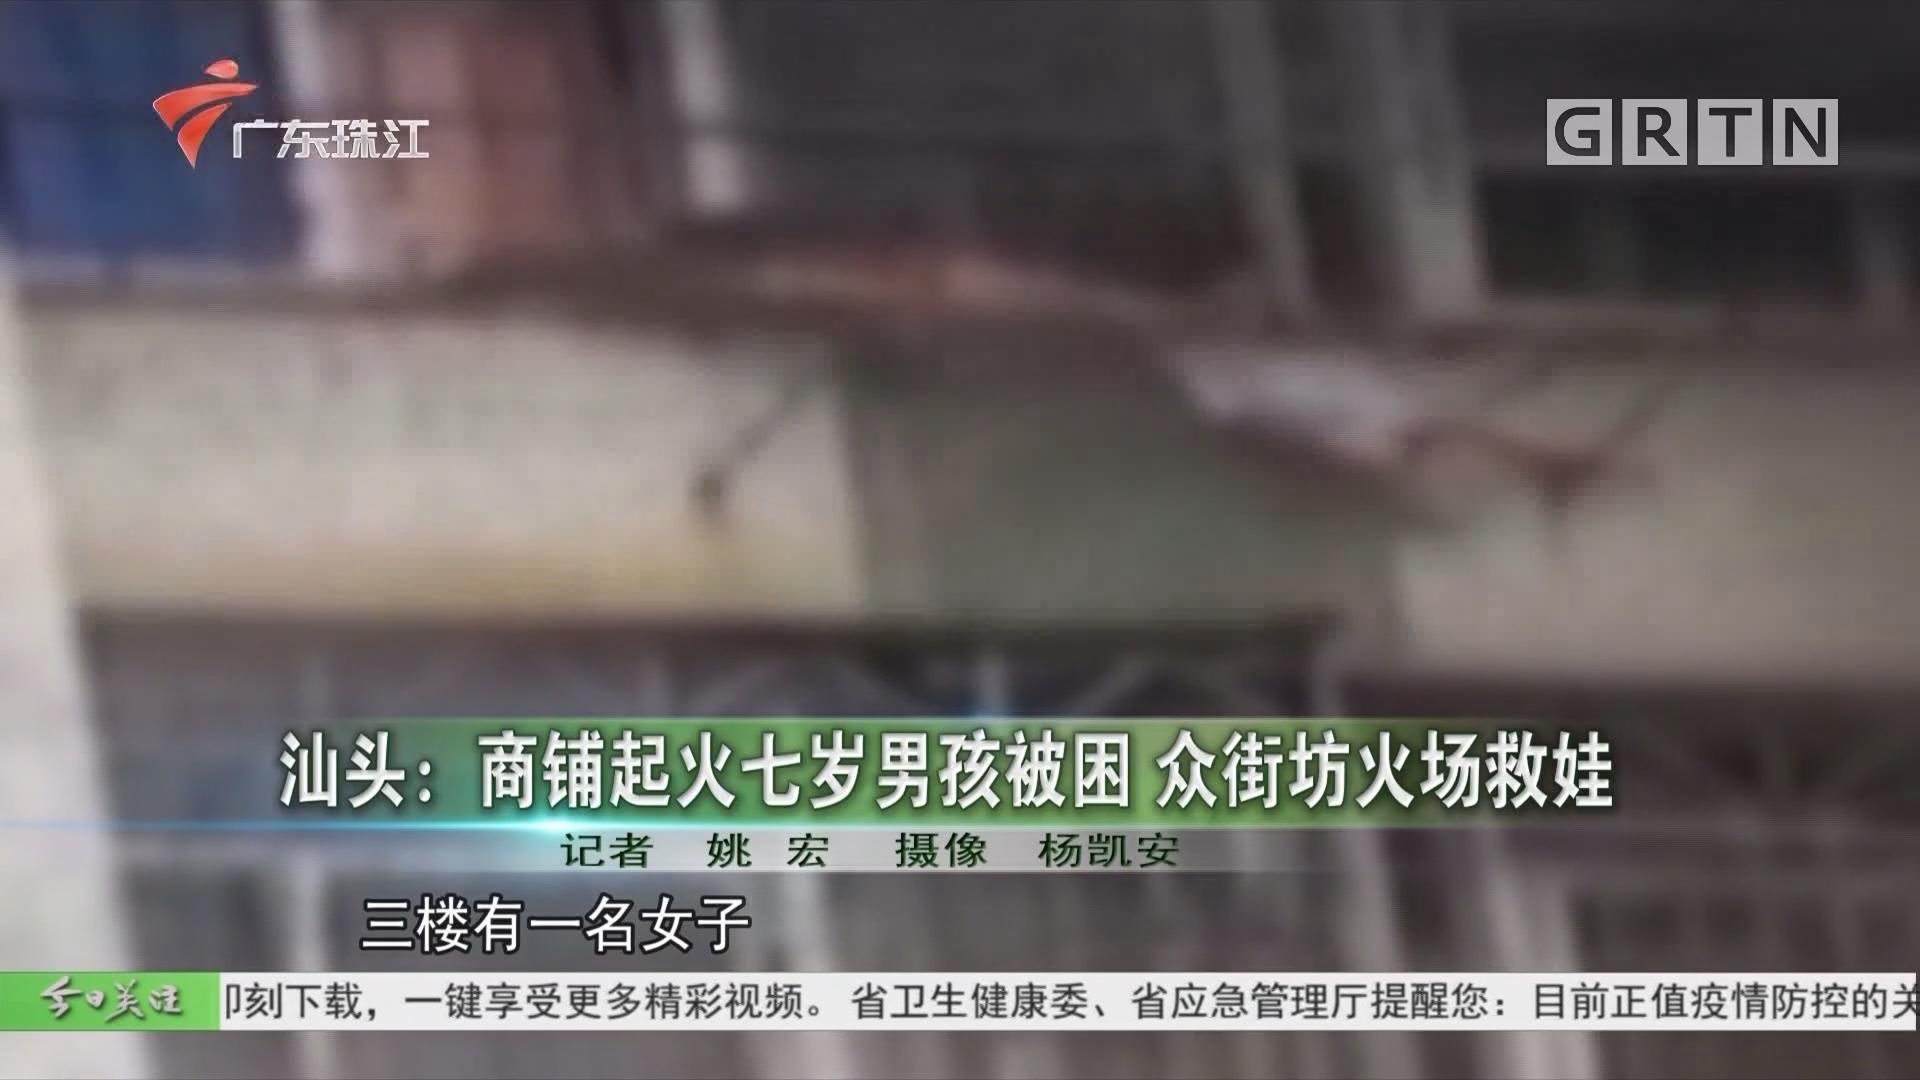 汕头:商铺起火七岁男孩被困 众街坊火场救娃